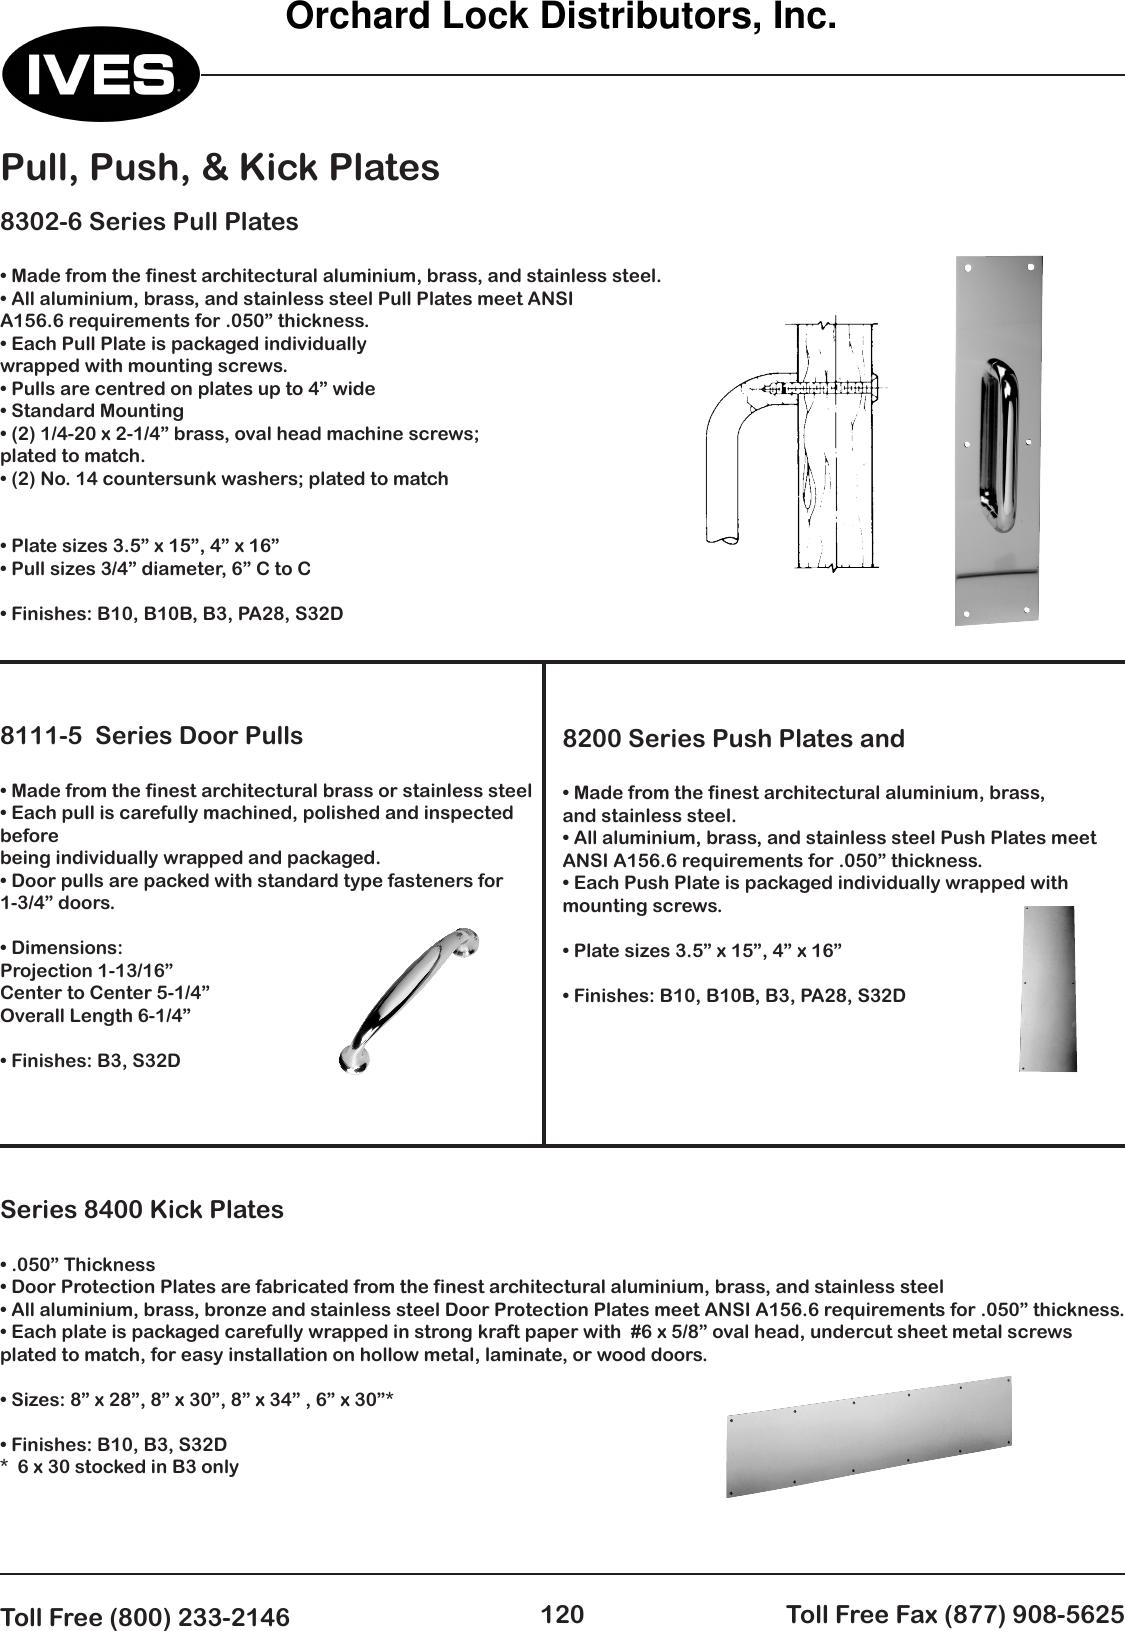 Locks PDF Orchard Lock Ives